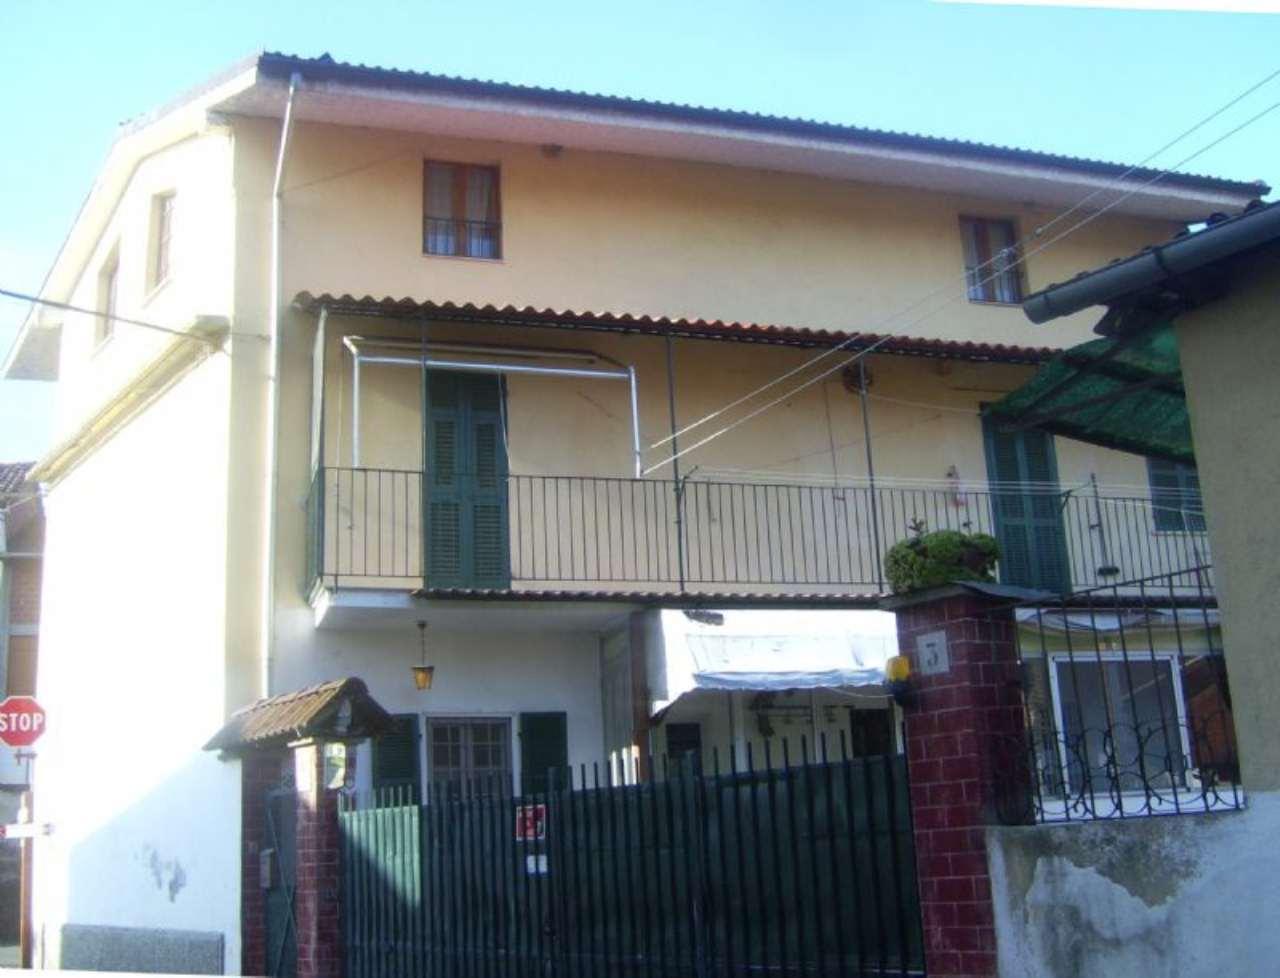 Soluzione Indipendente in vendita a Castelnuovo Bormida, 6 locali, prezzo € 79.000 | Cambio Casa.it